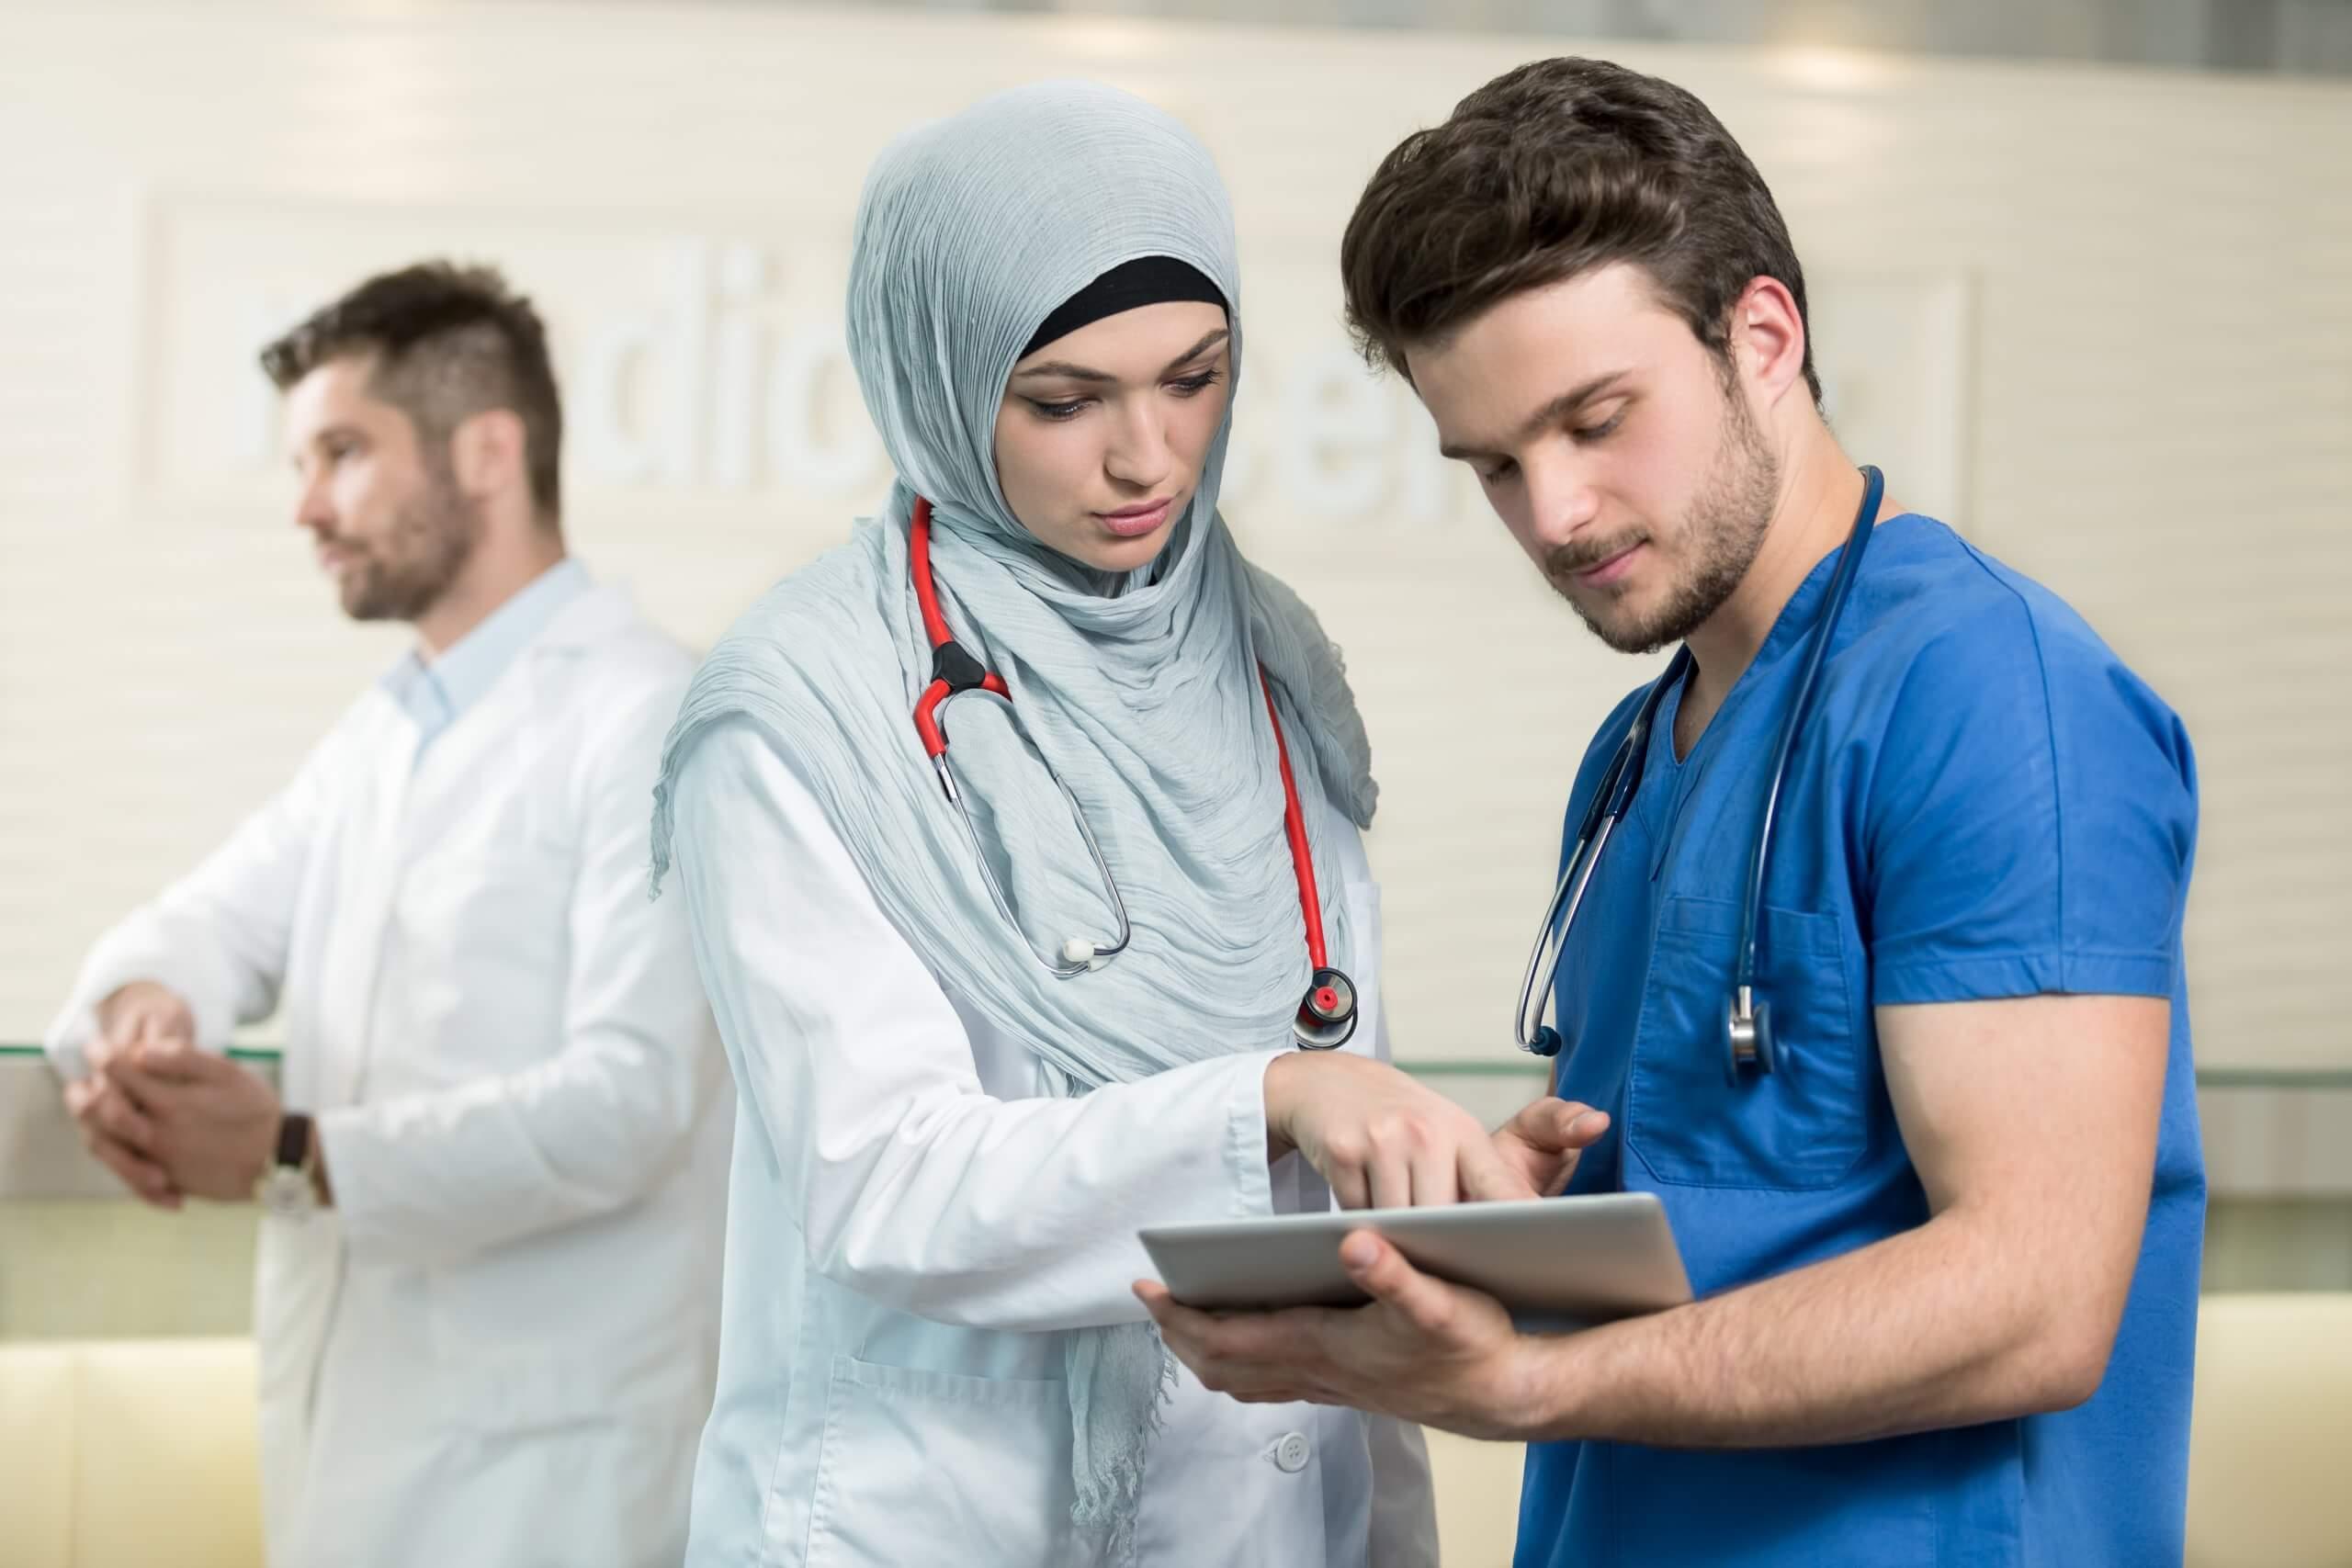 護理 護士 RN 註冊護士 PN 實習護士 有薪實習 移民 加拿大